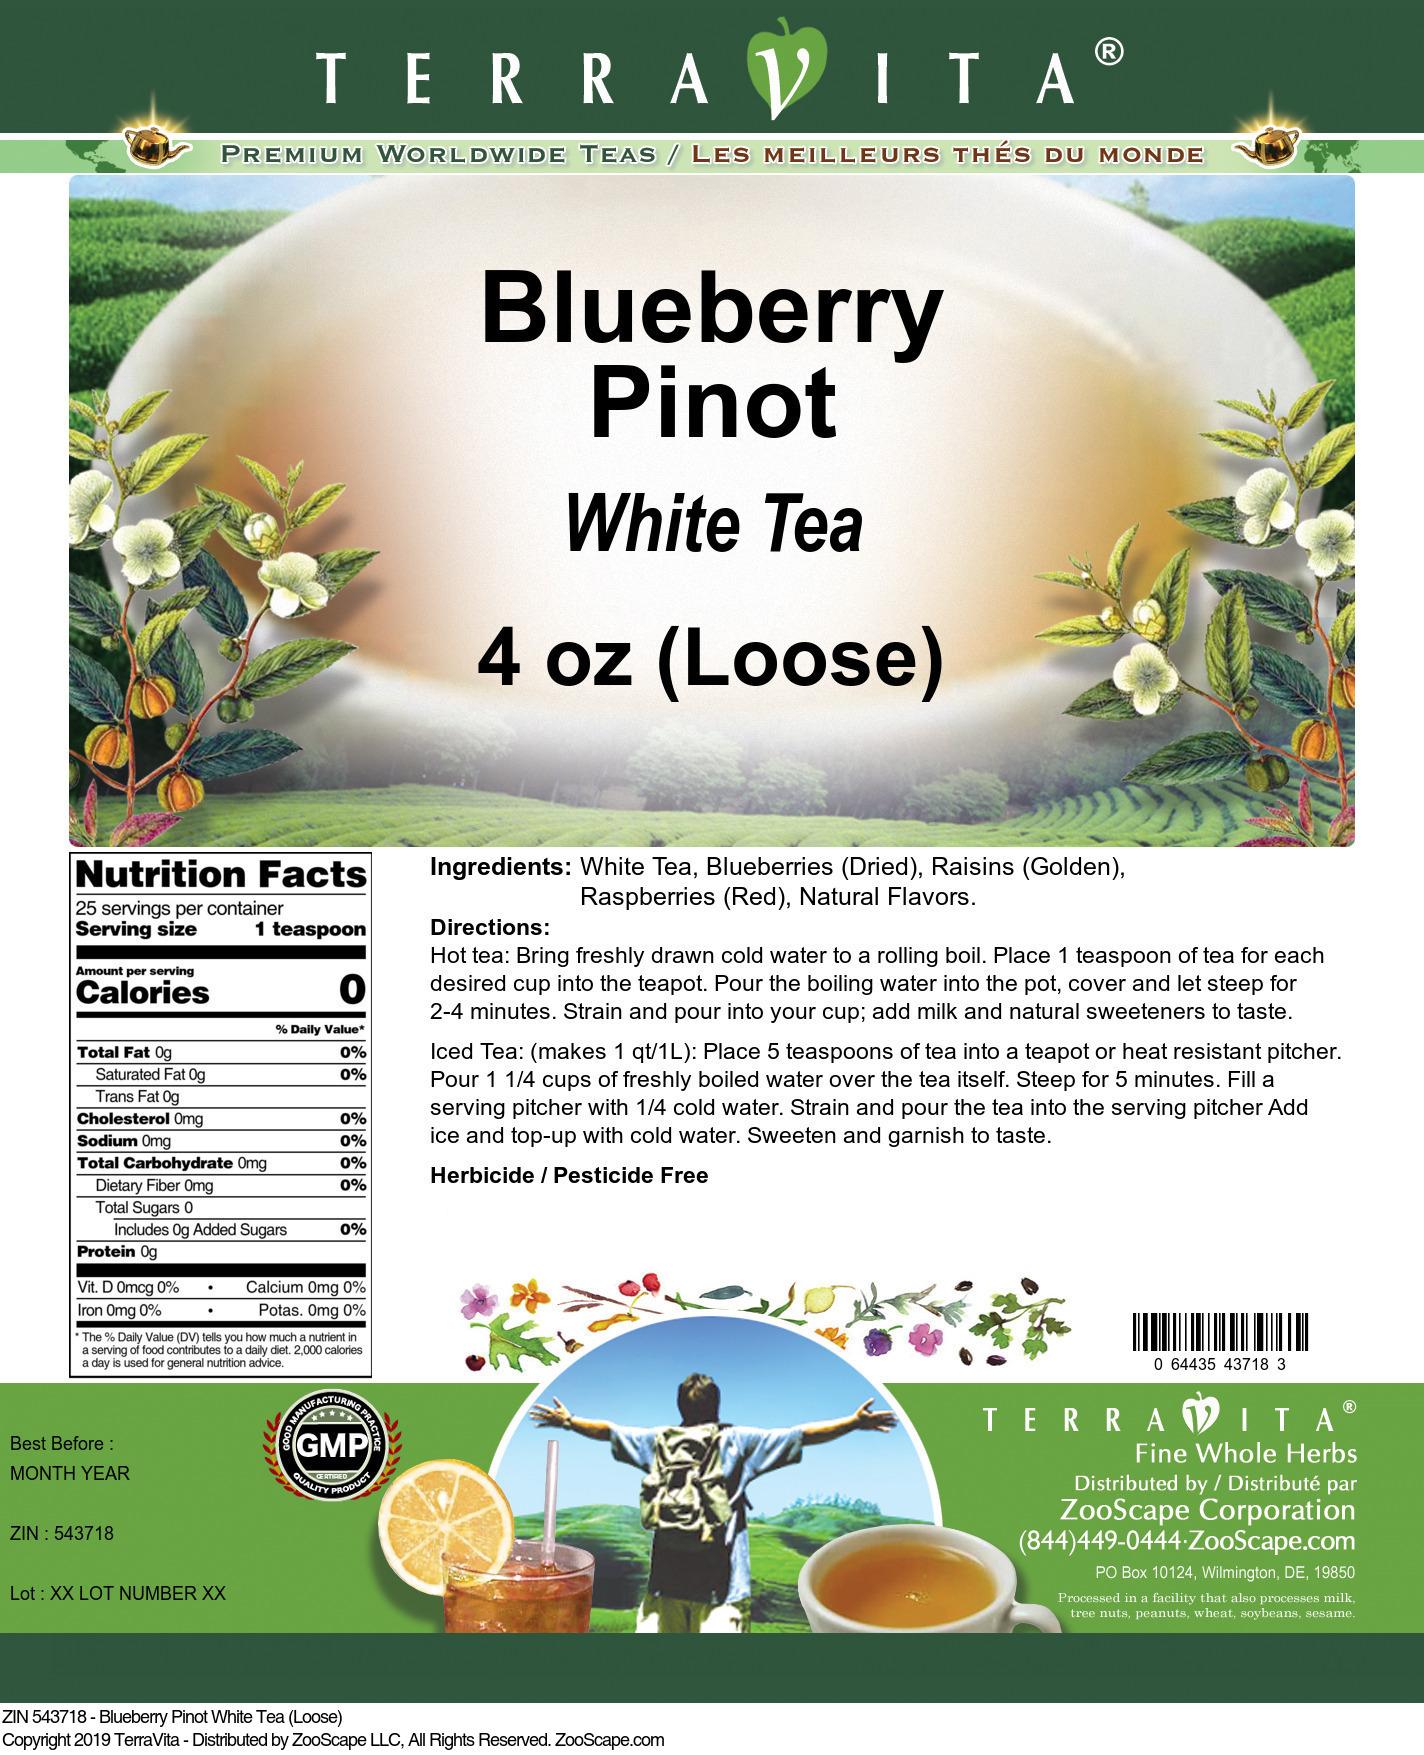 Blueberry Pinot White Tea